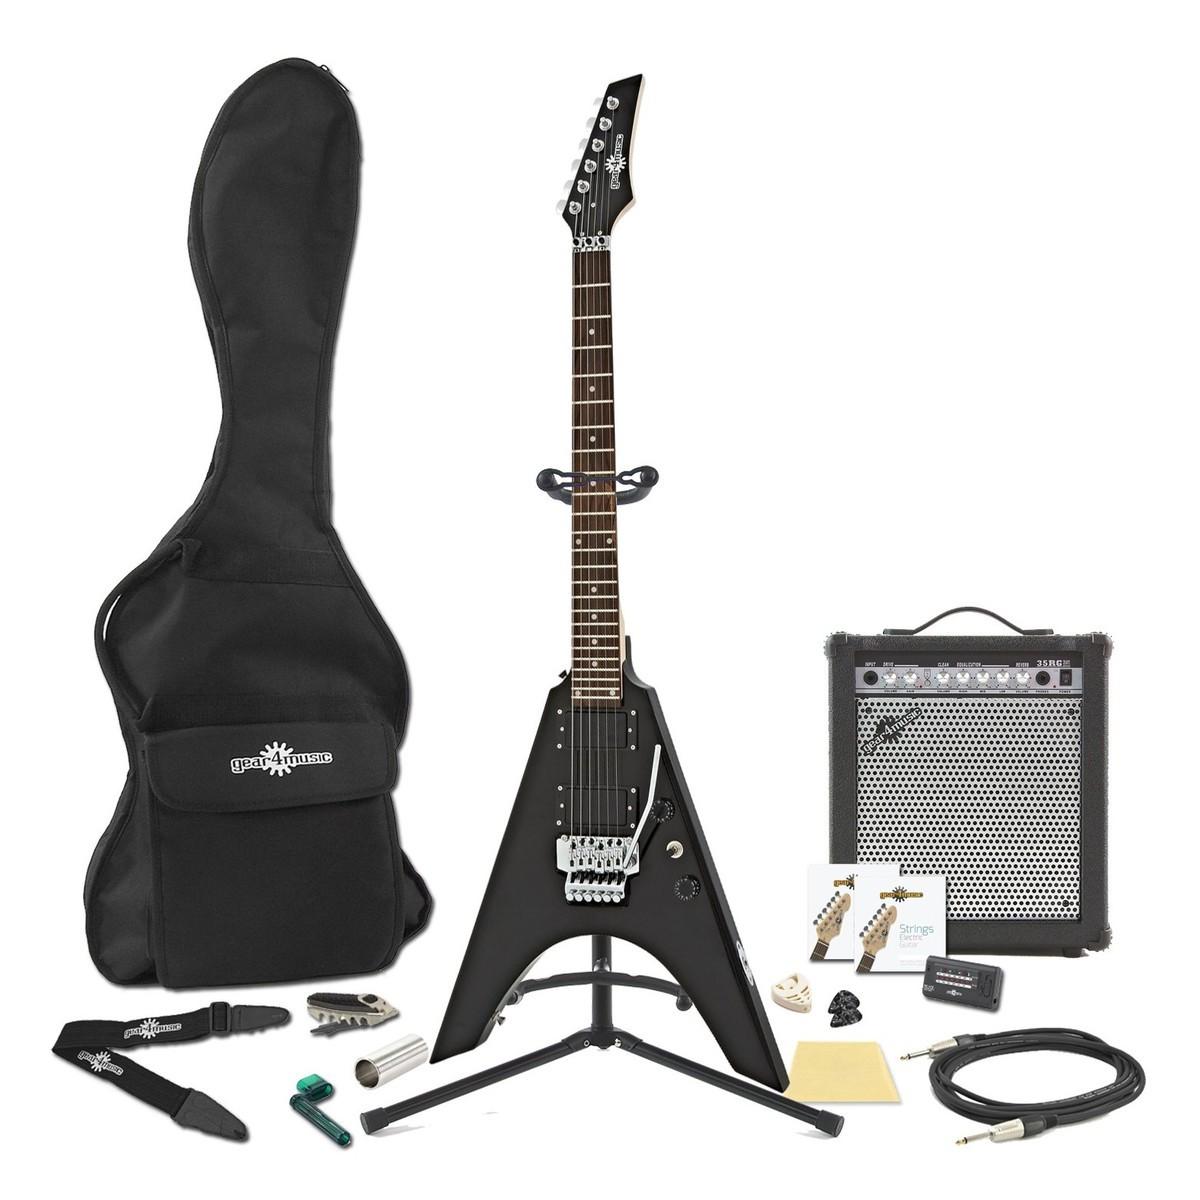 Harlem V Electric Guitar 35W Amp Pack Loading zoom